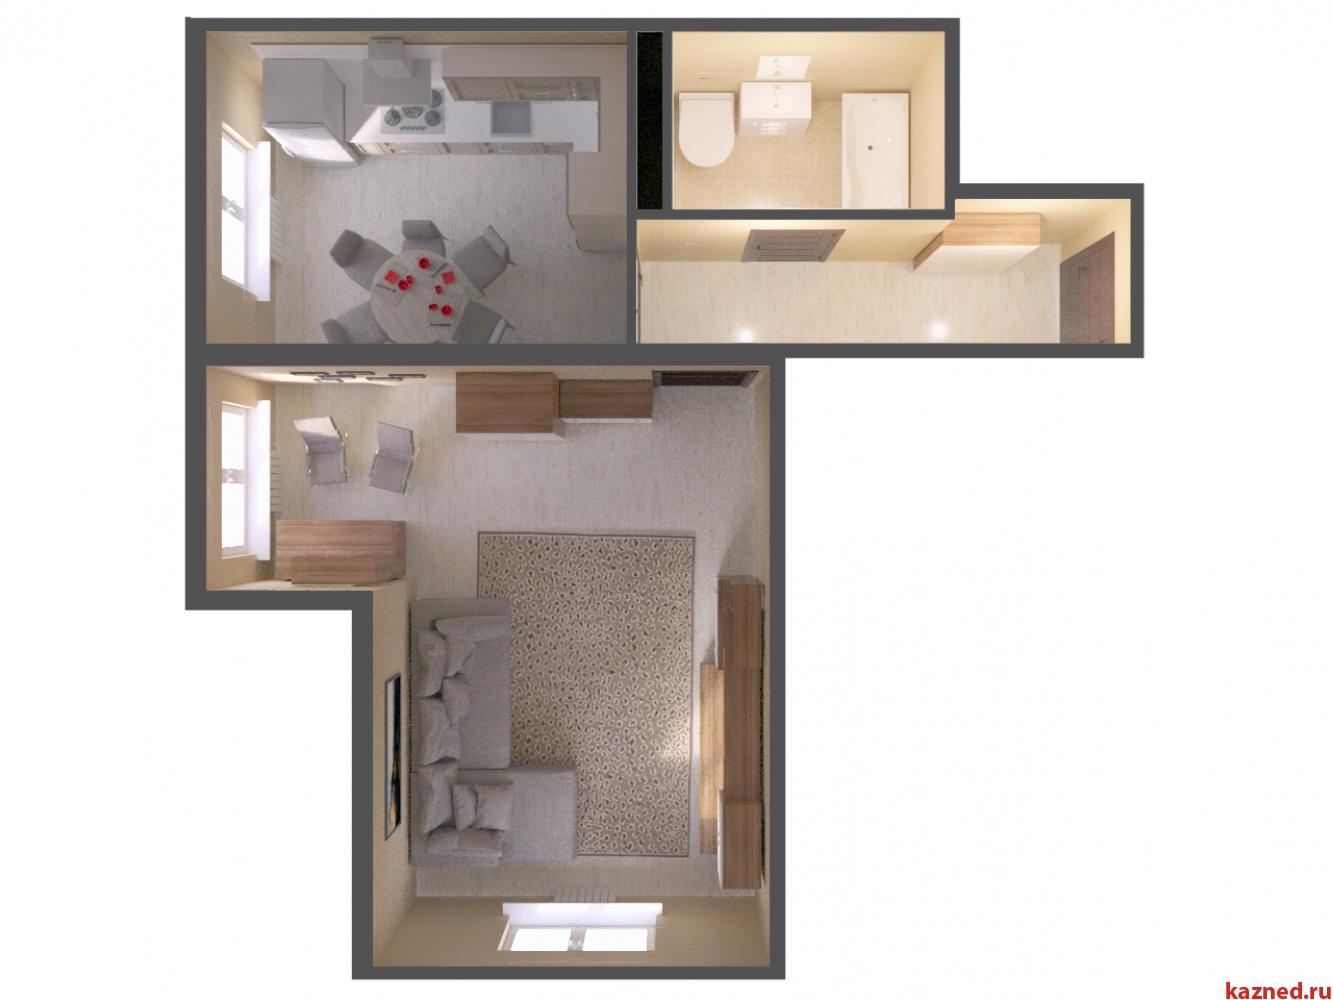 Продажа 1-к квартиры ЖК Светлый, 45 м²  (миниатюра №2)